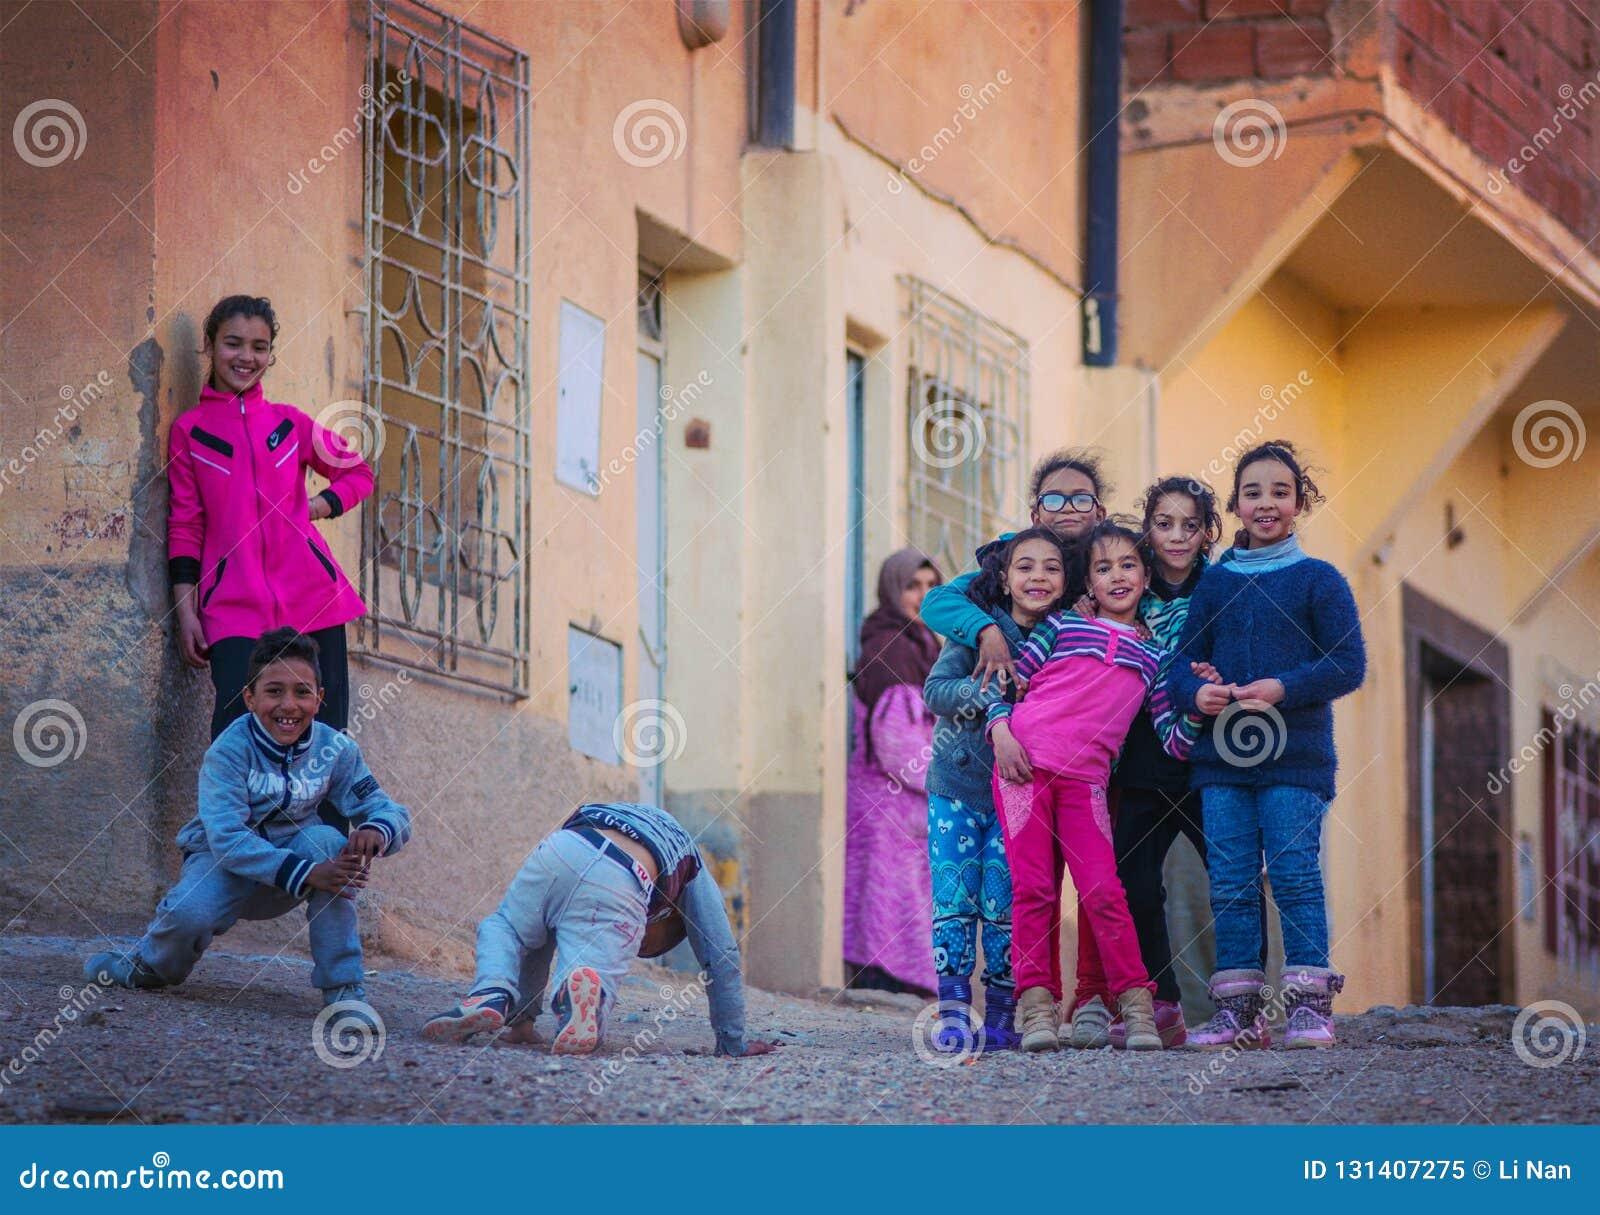 Ευτυχή φτωχά φιλικά κορίτσι και αγόρι παιδιών στο χωριό του Μαρόκου με το παλαιό σπίτι